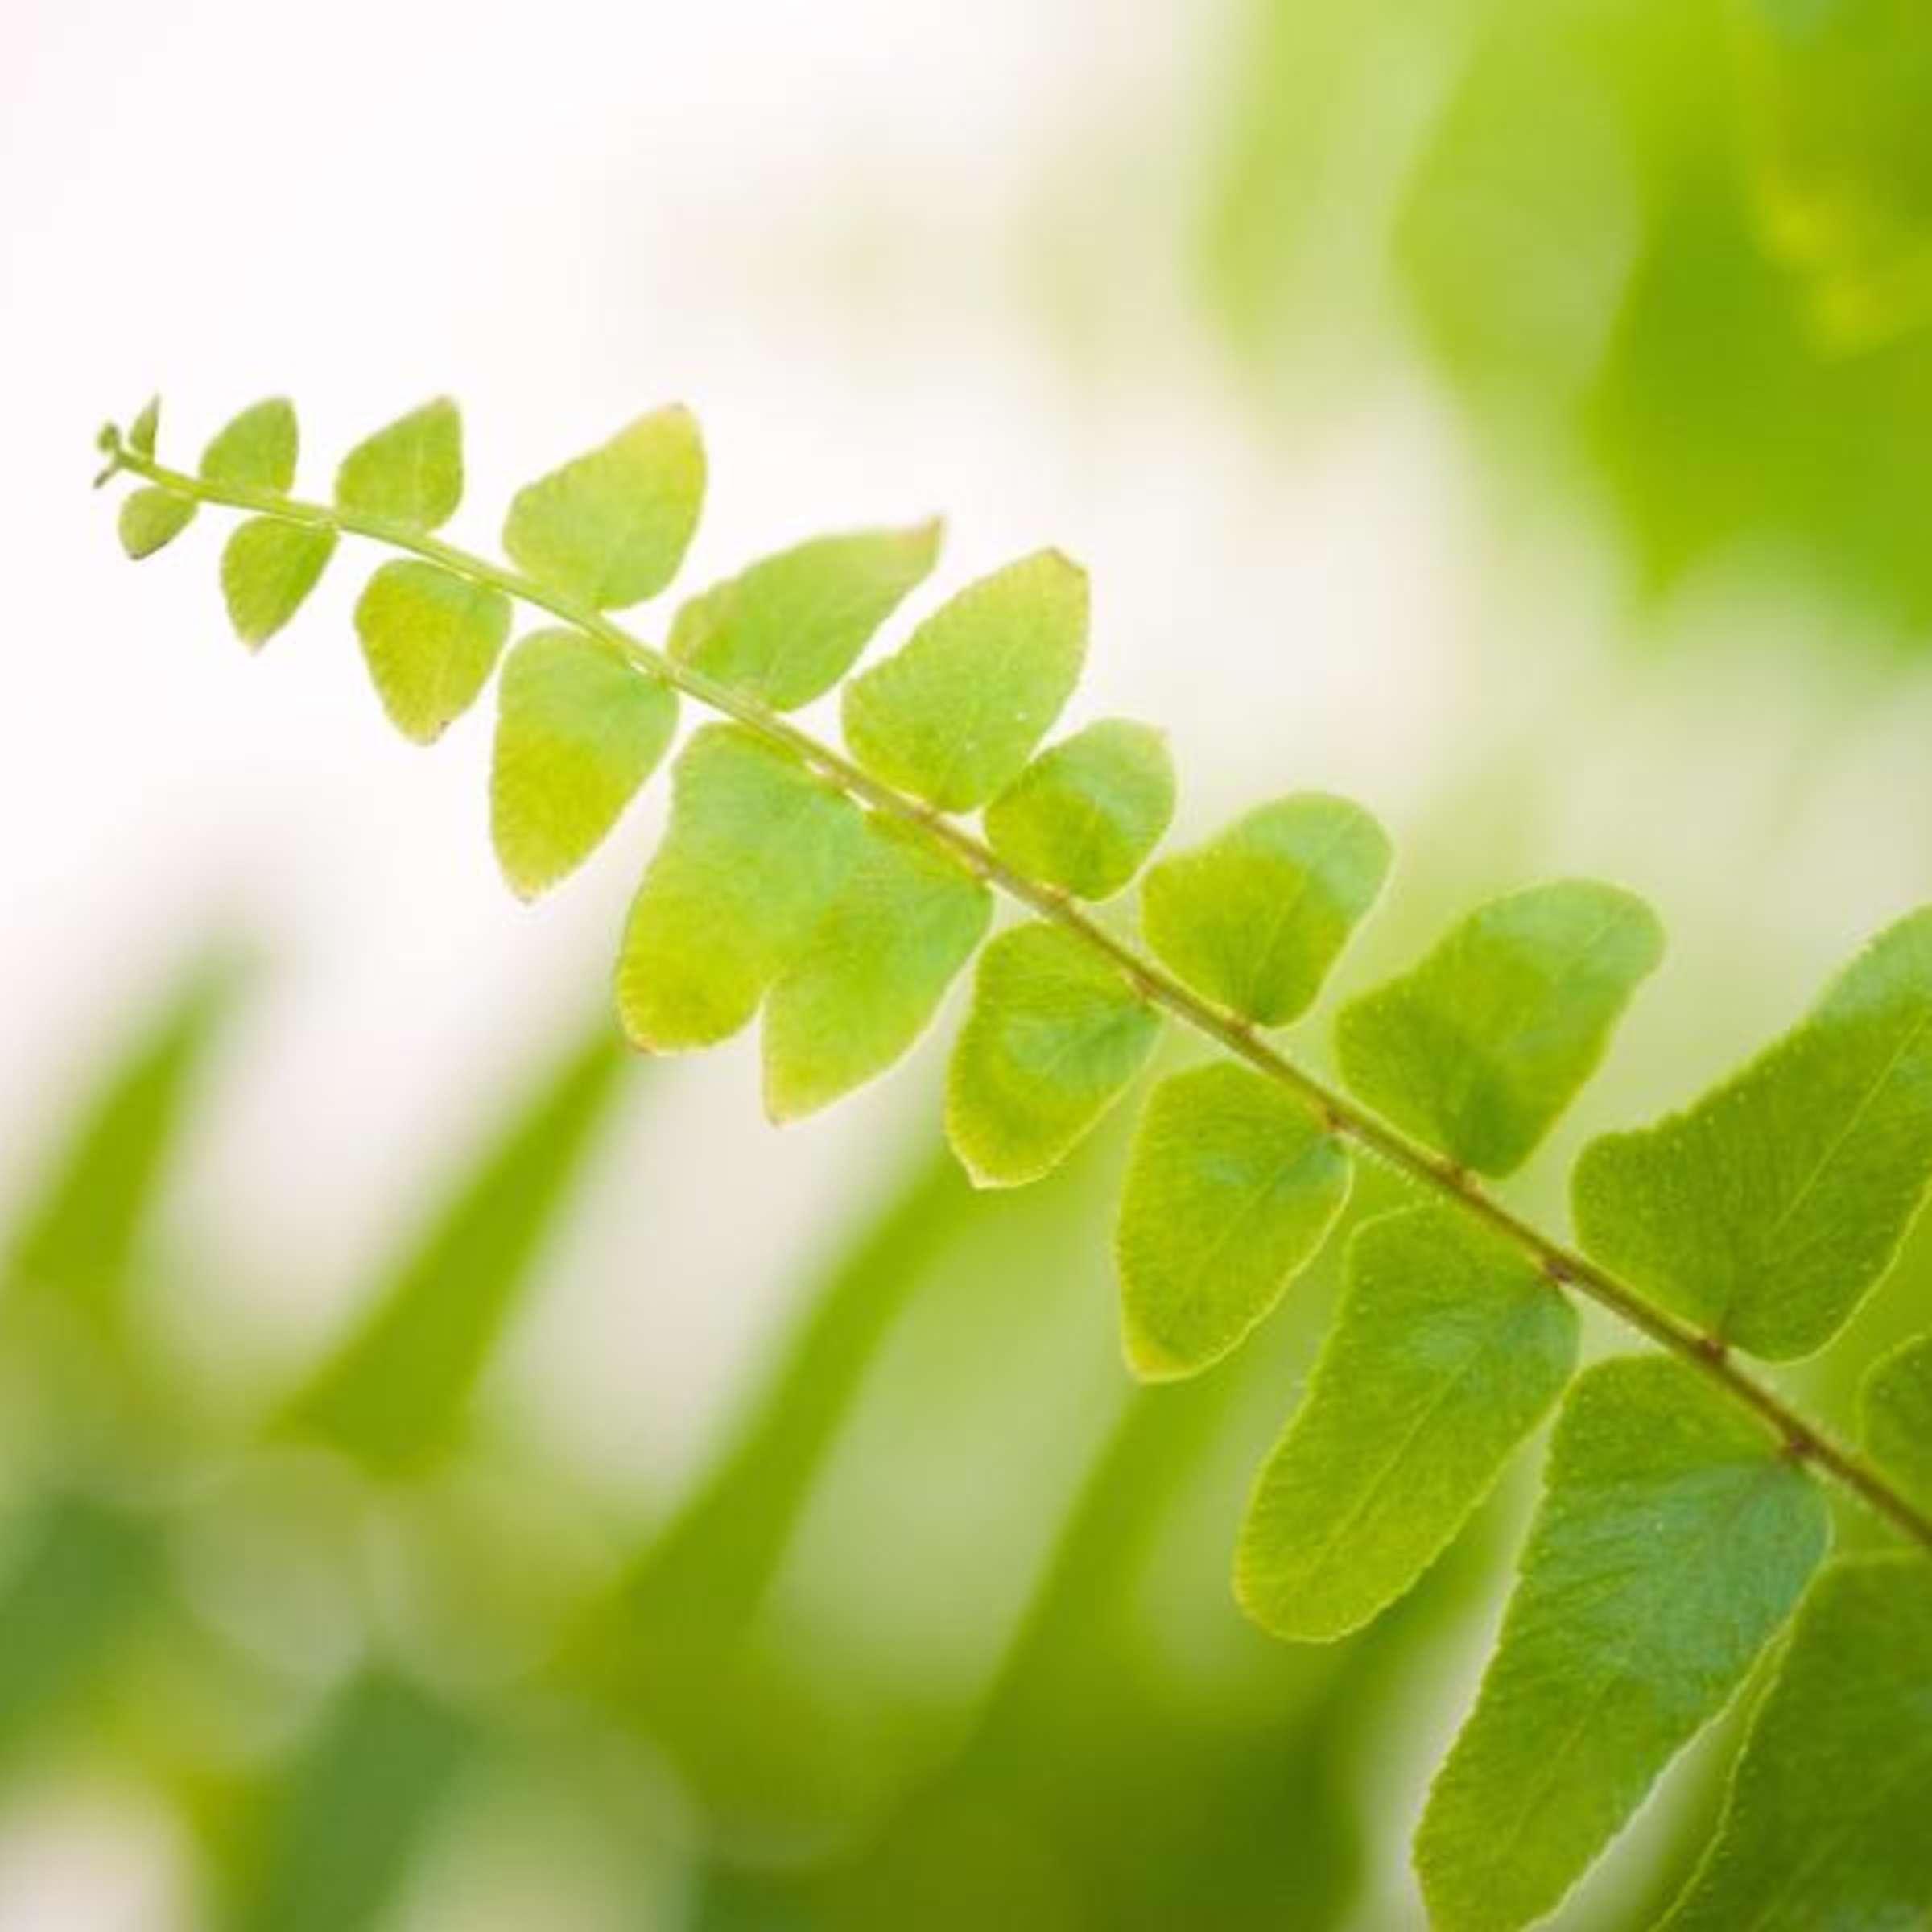 Standort Badezimmer Viele Pflanzen Mogen Es Feucht Wohnen